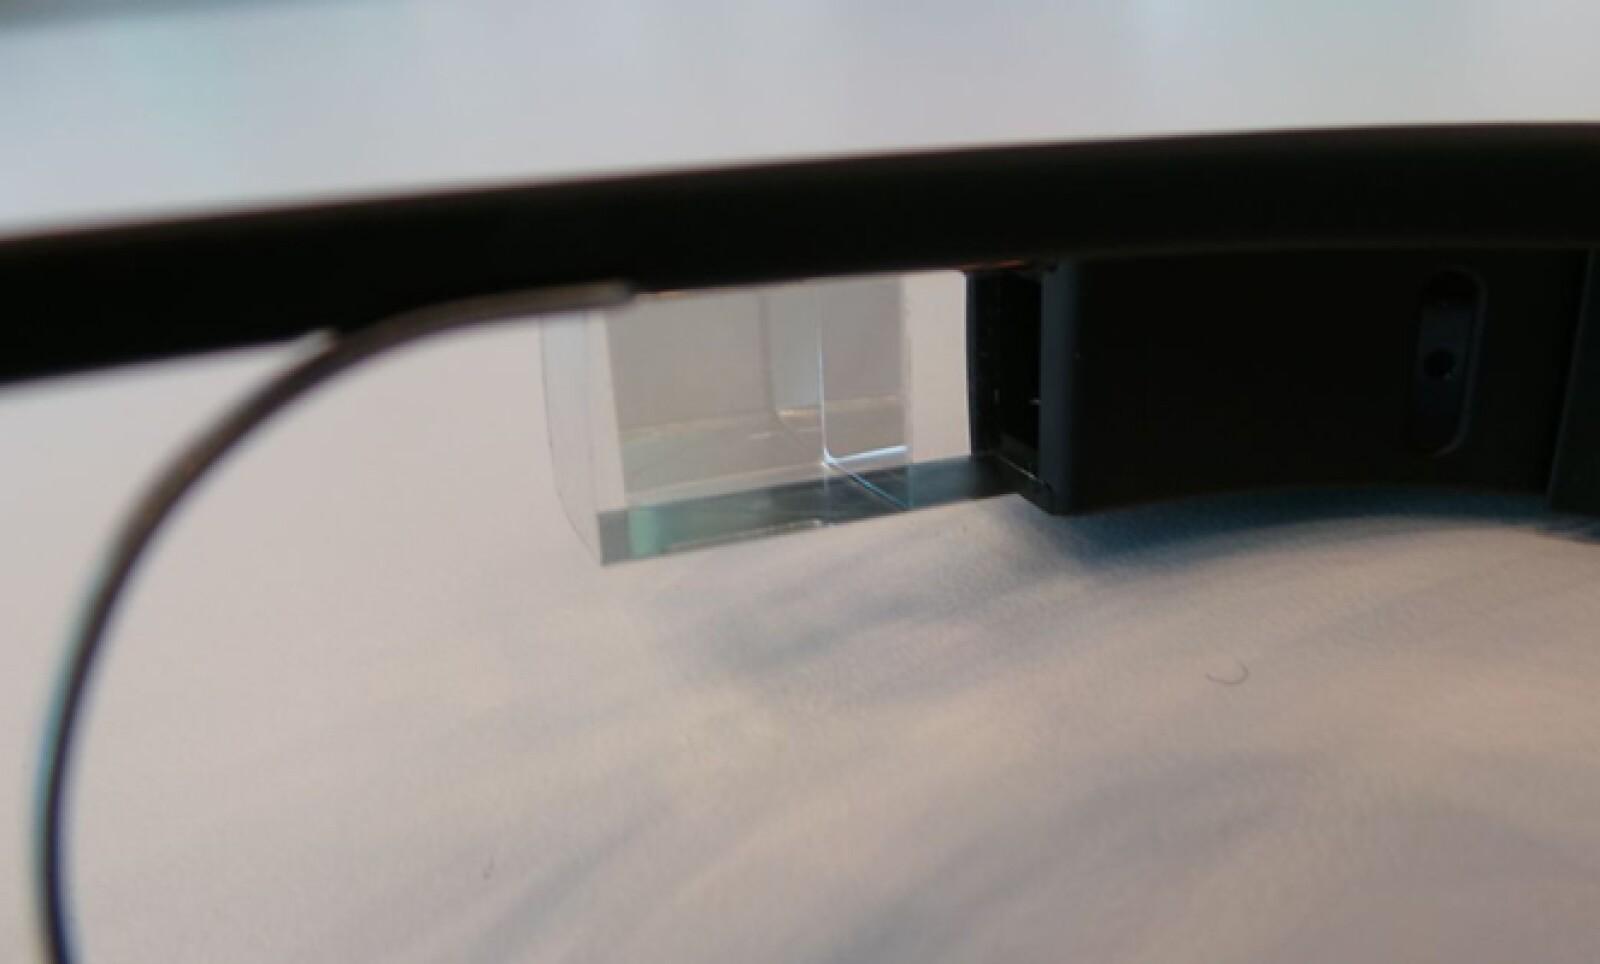 Se espera que los lentes salgan a la venta al público en general en 2014.